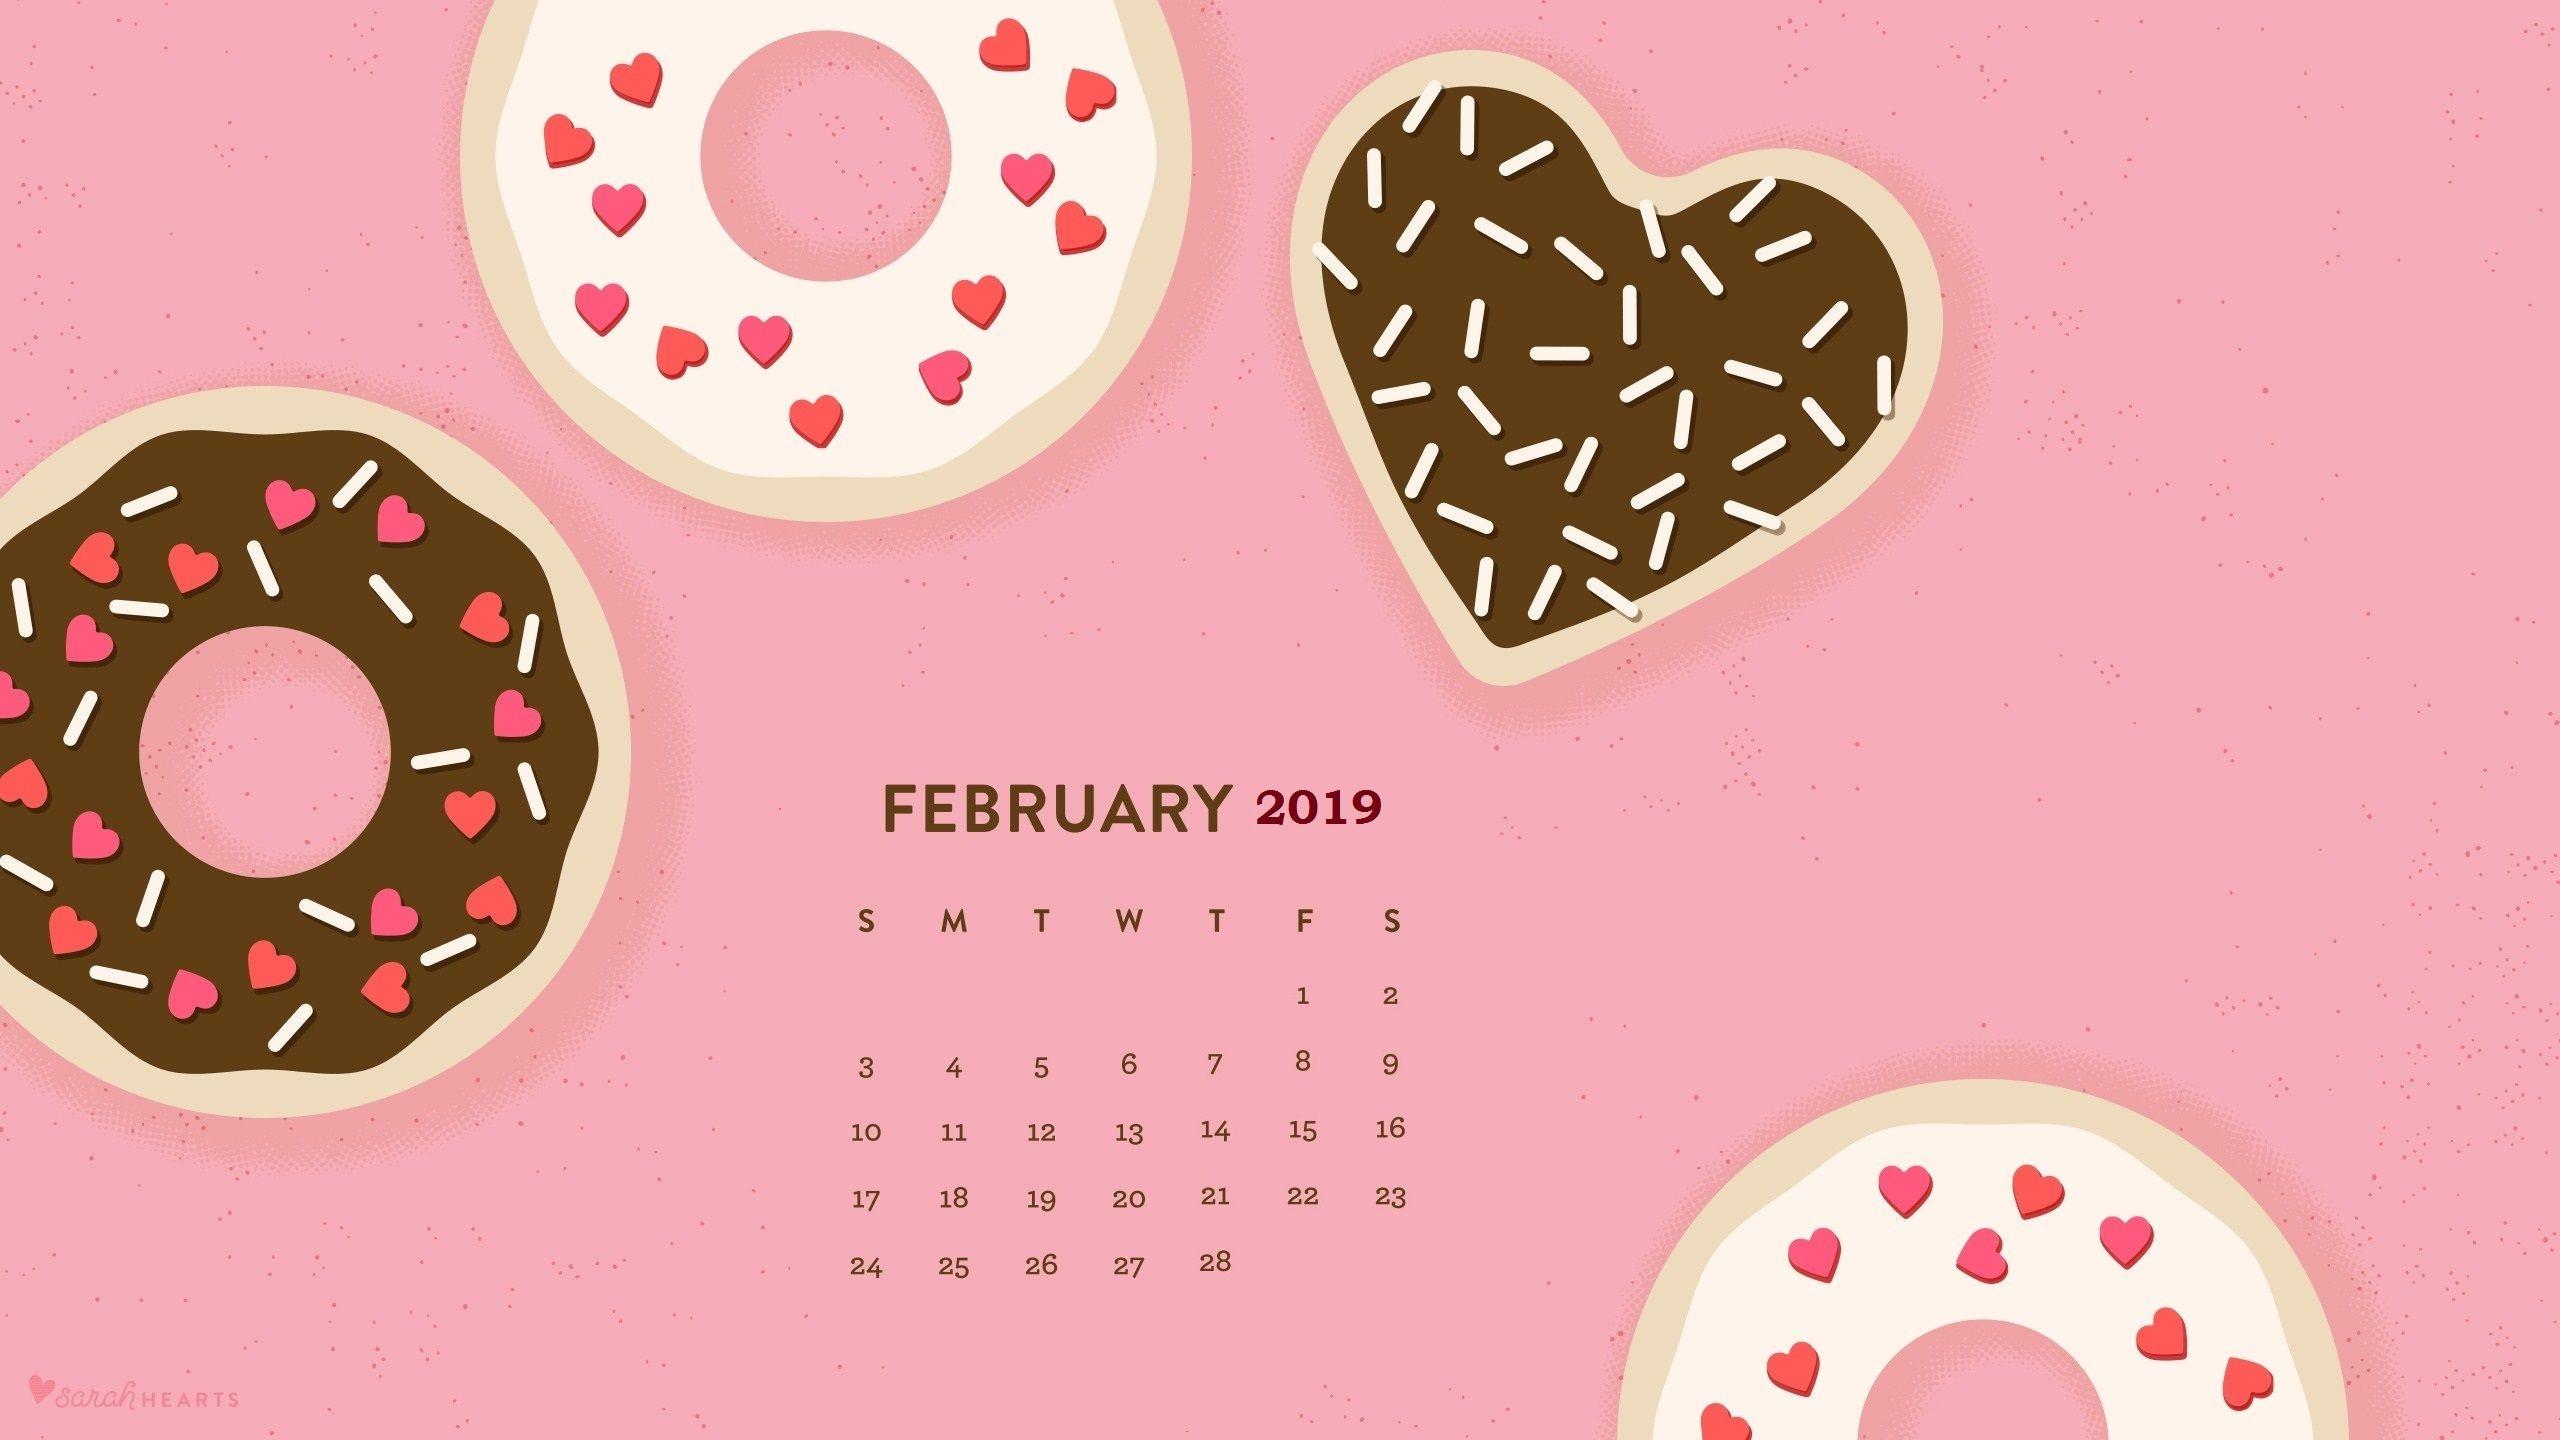 february 2019 hd calendar wallpaper monthly calendar templates::February 2019 Desktop Calendar